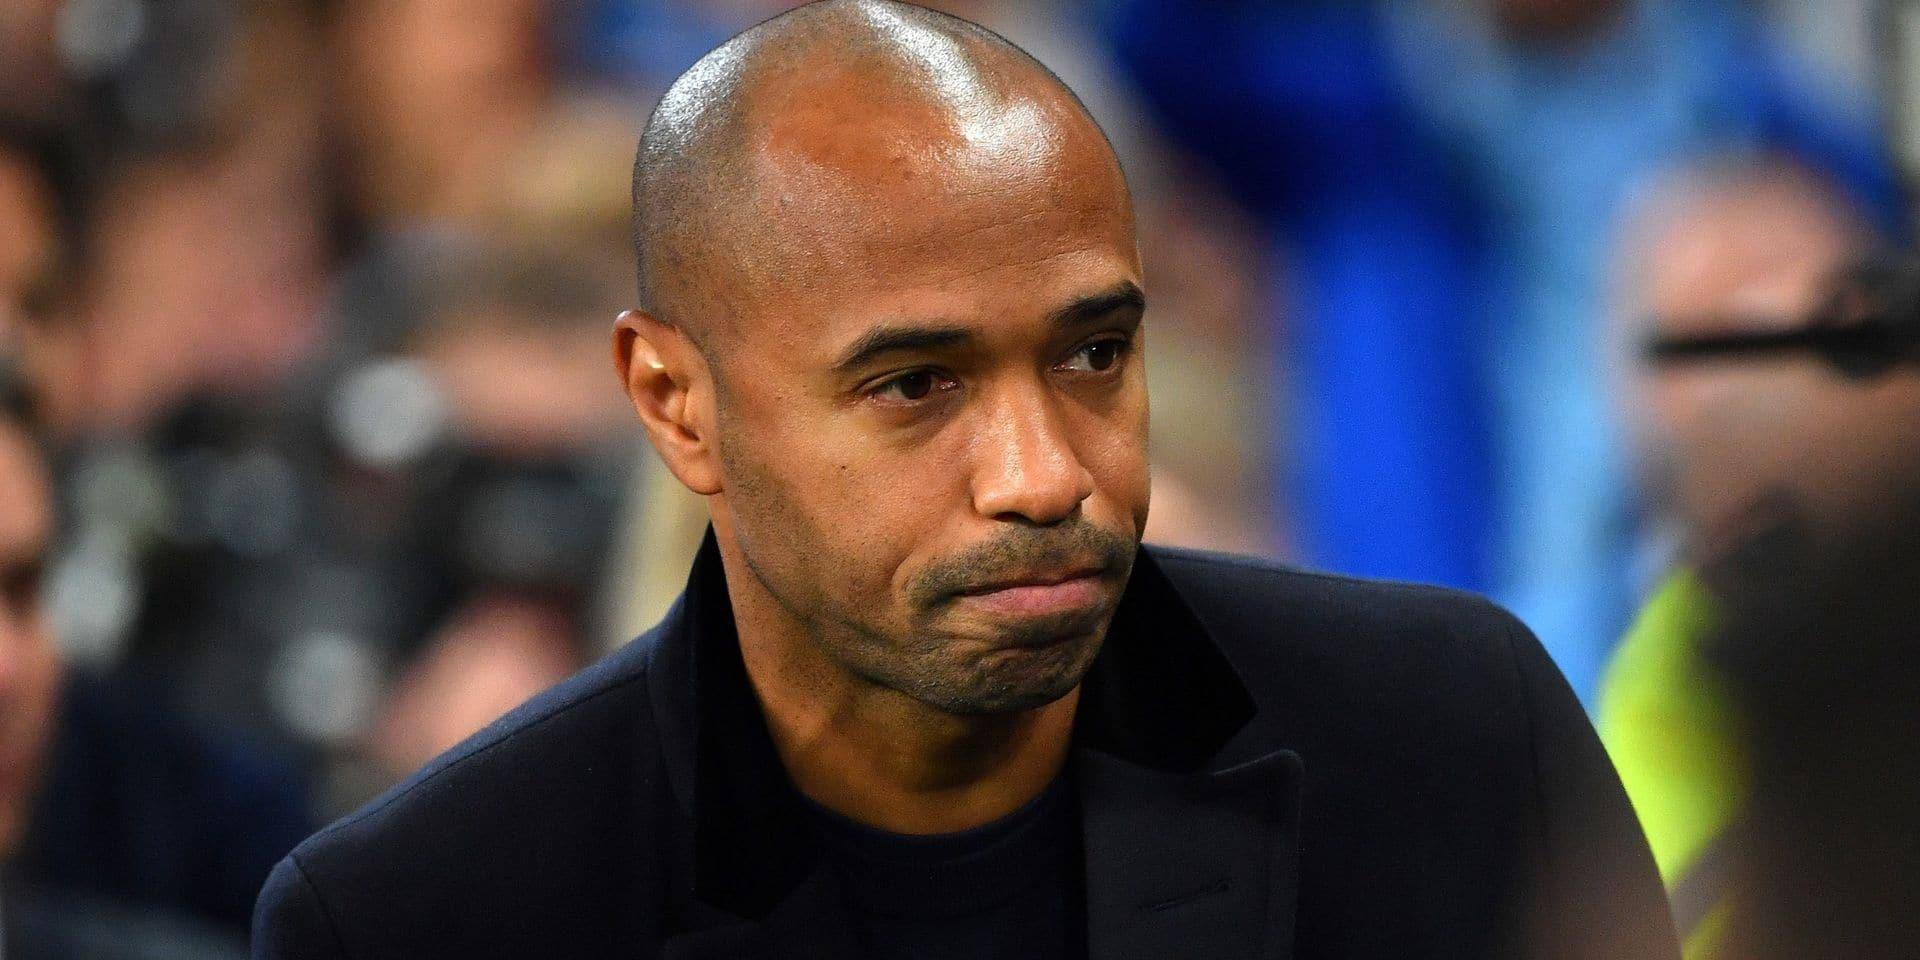 Thierry Henry et Arsenal, retour sur l'histoire d'amour entre le Français et les Gunners (PODCAST)